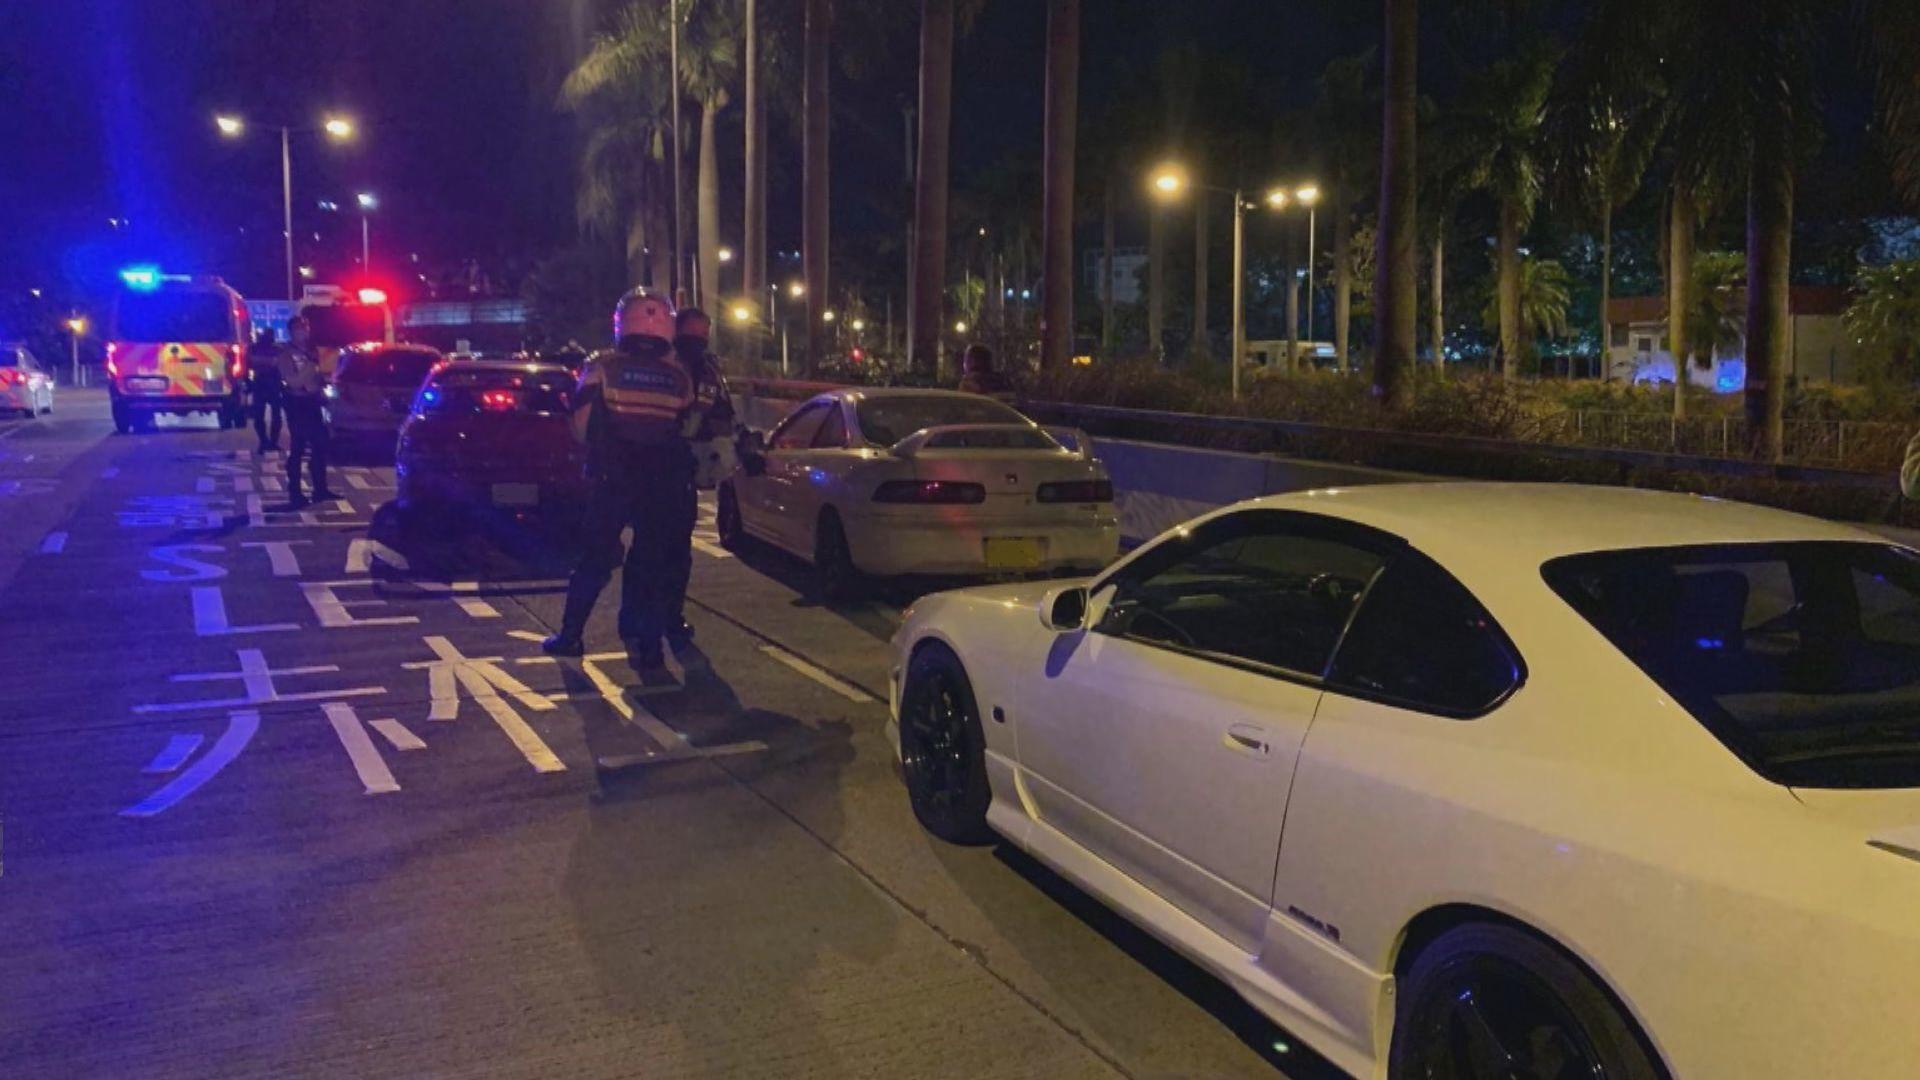 警方香港仔截查非法賽車一度拔槍戒備 17人被捕